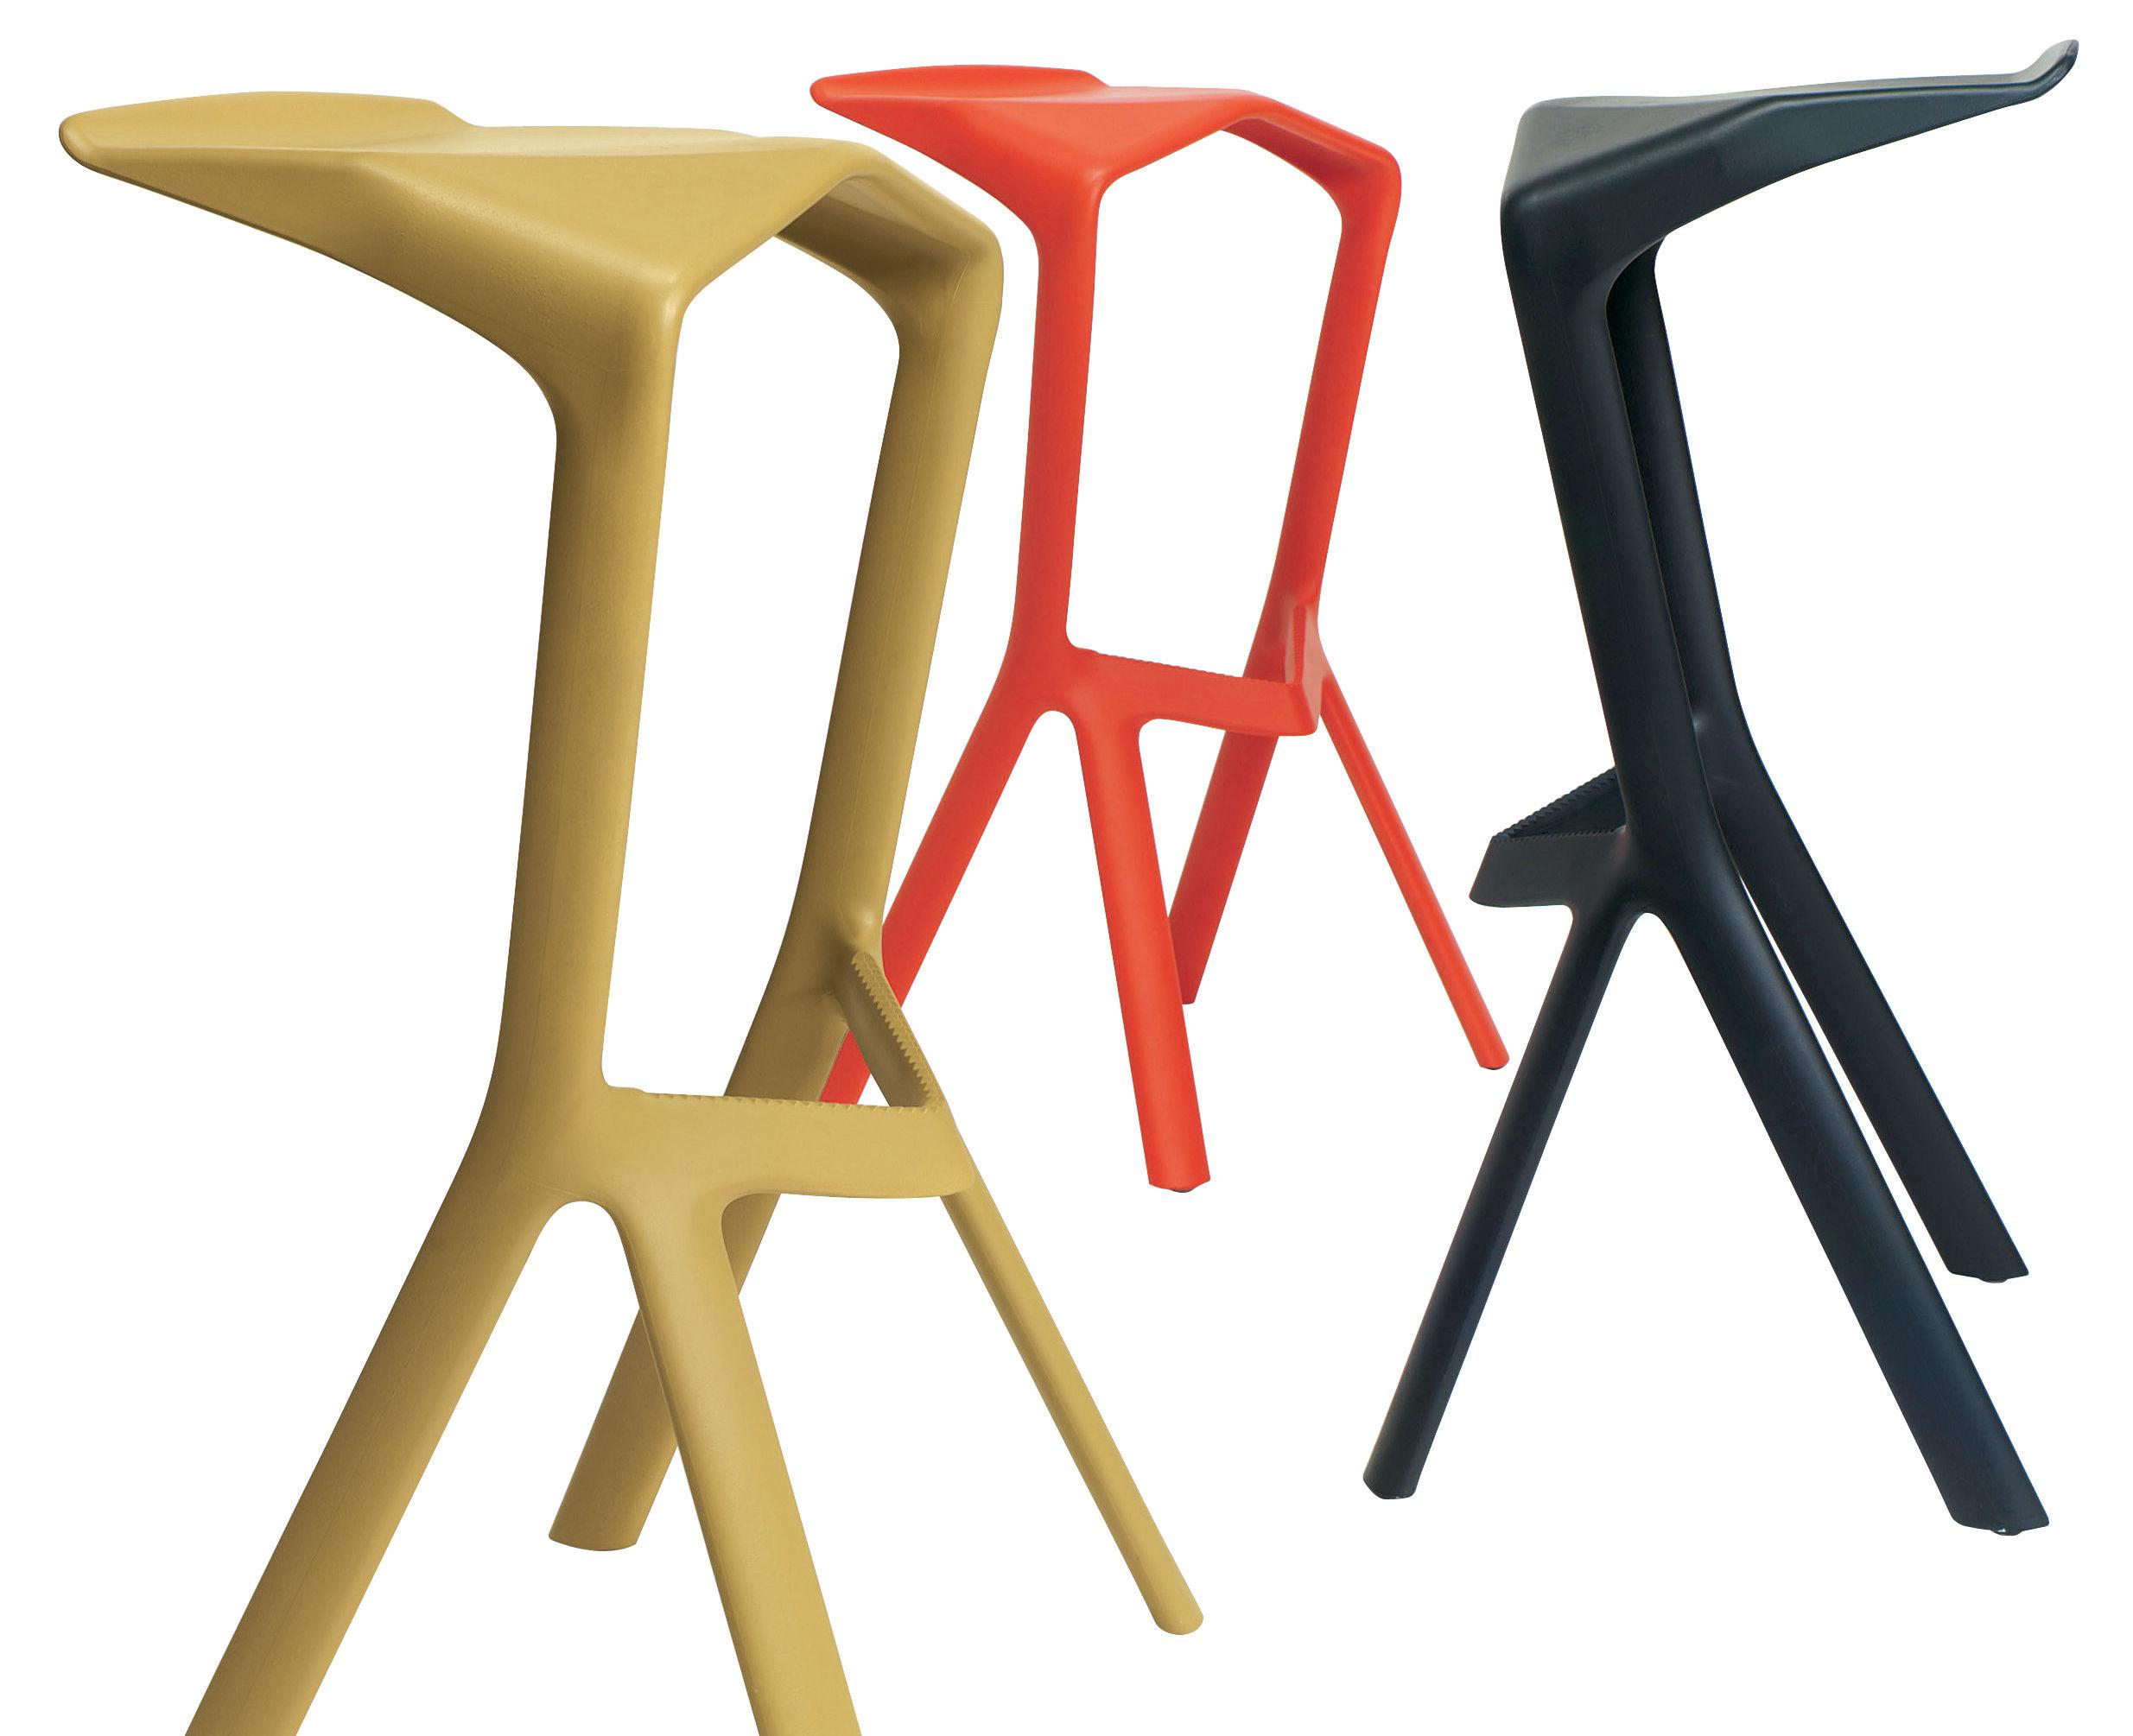 tabouret de bar miura h 78 cm plastique orange plank made in design. Black Bedroom Furniture Sets. Home Design Ideas